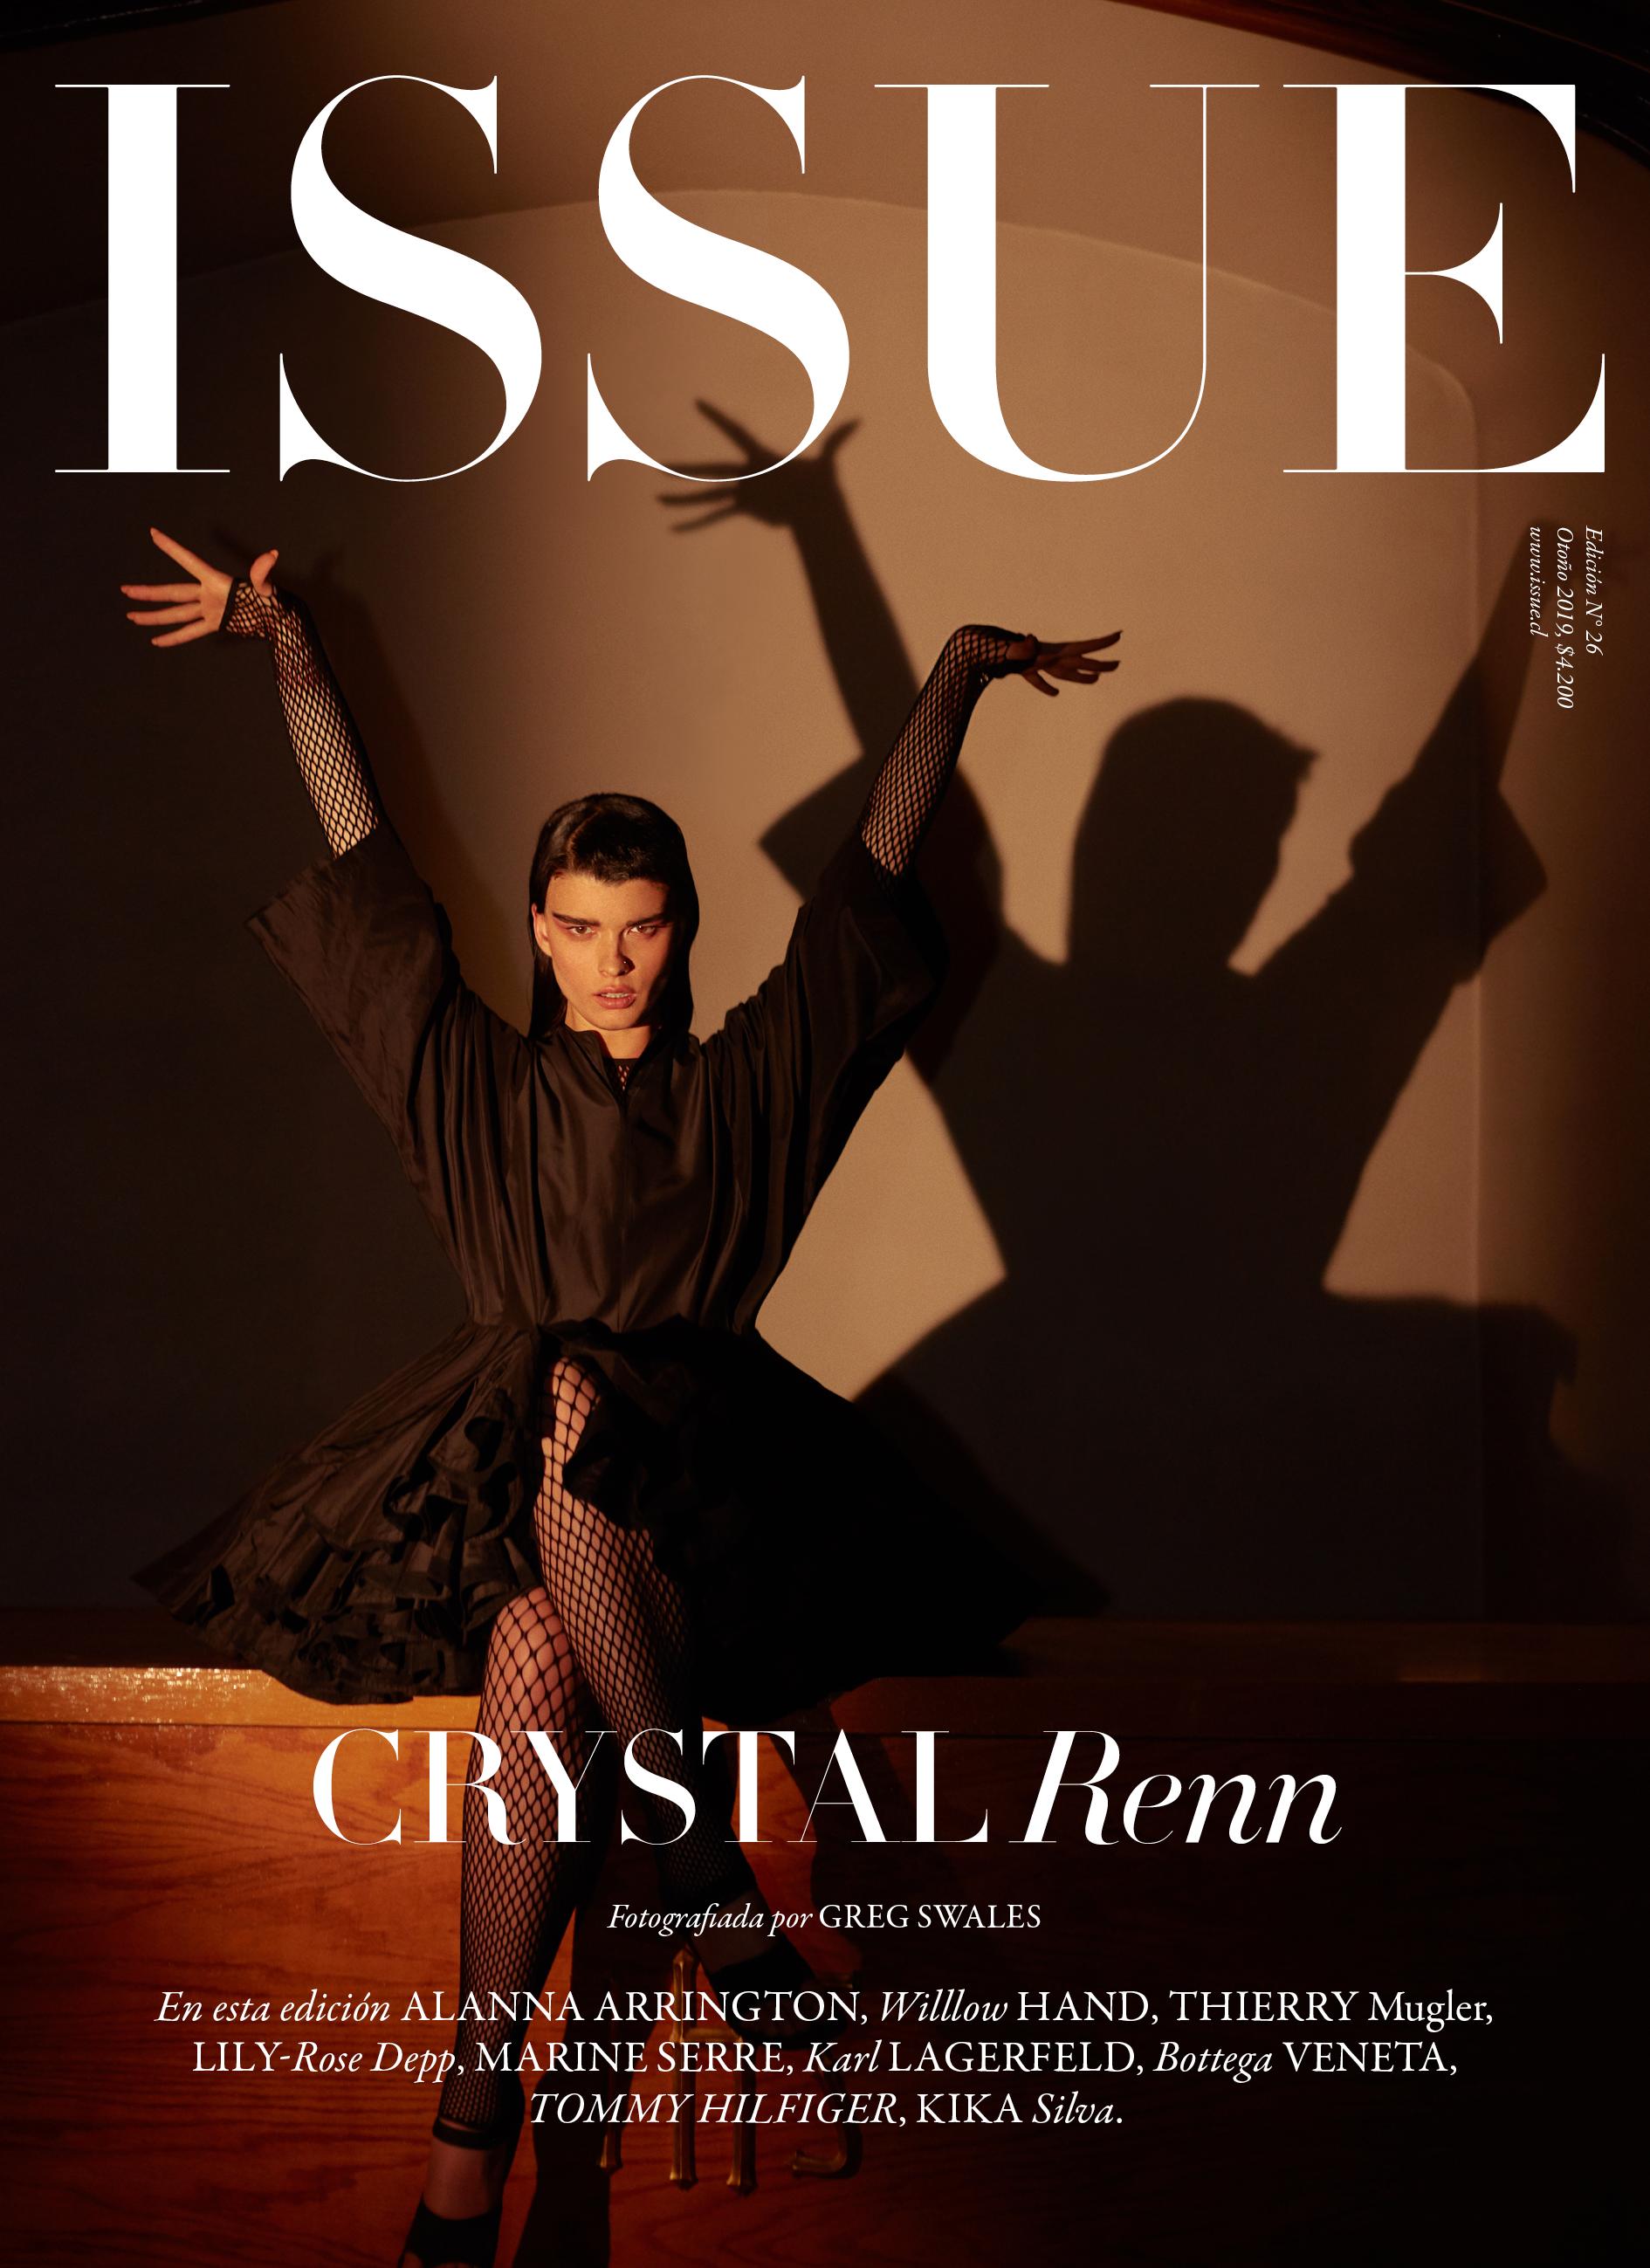 Issue - Crystal Renn